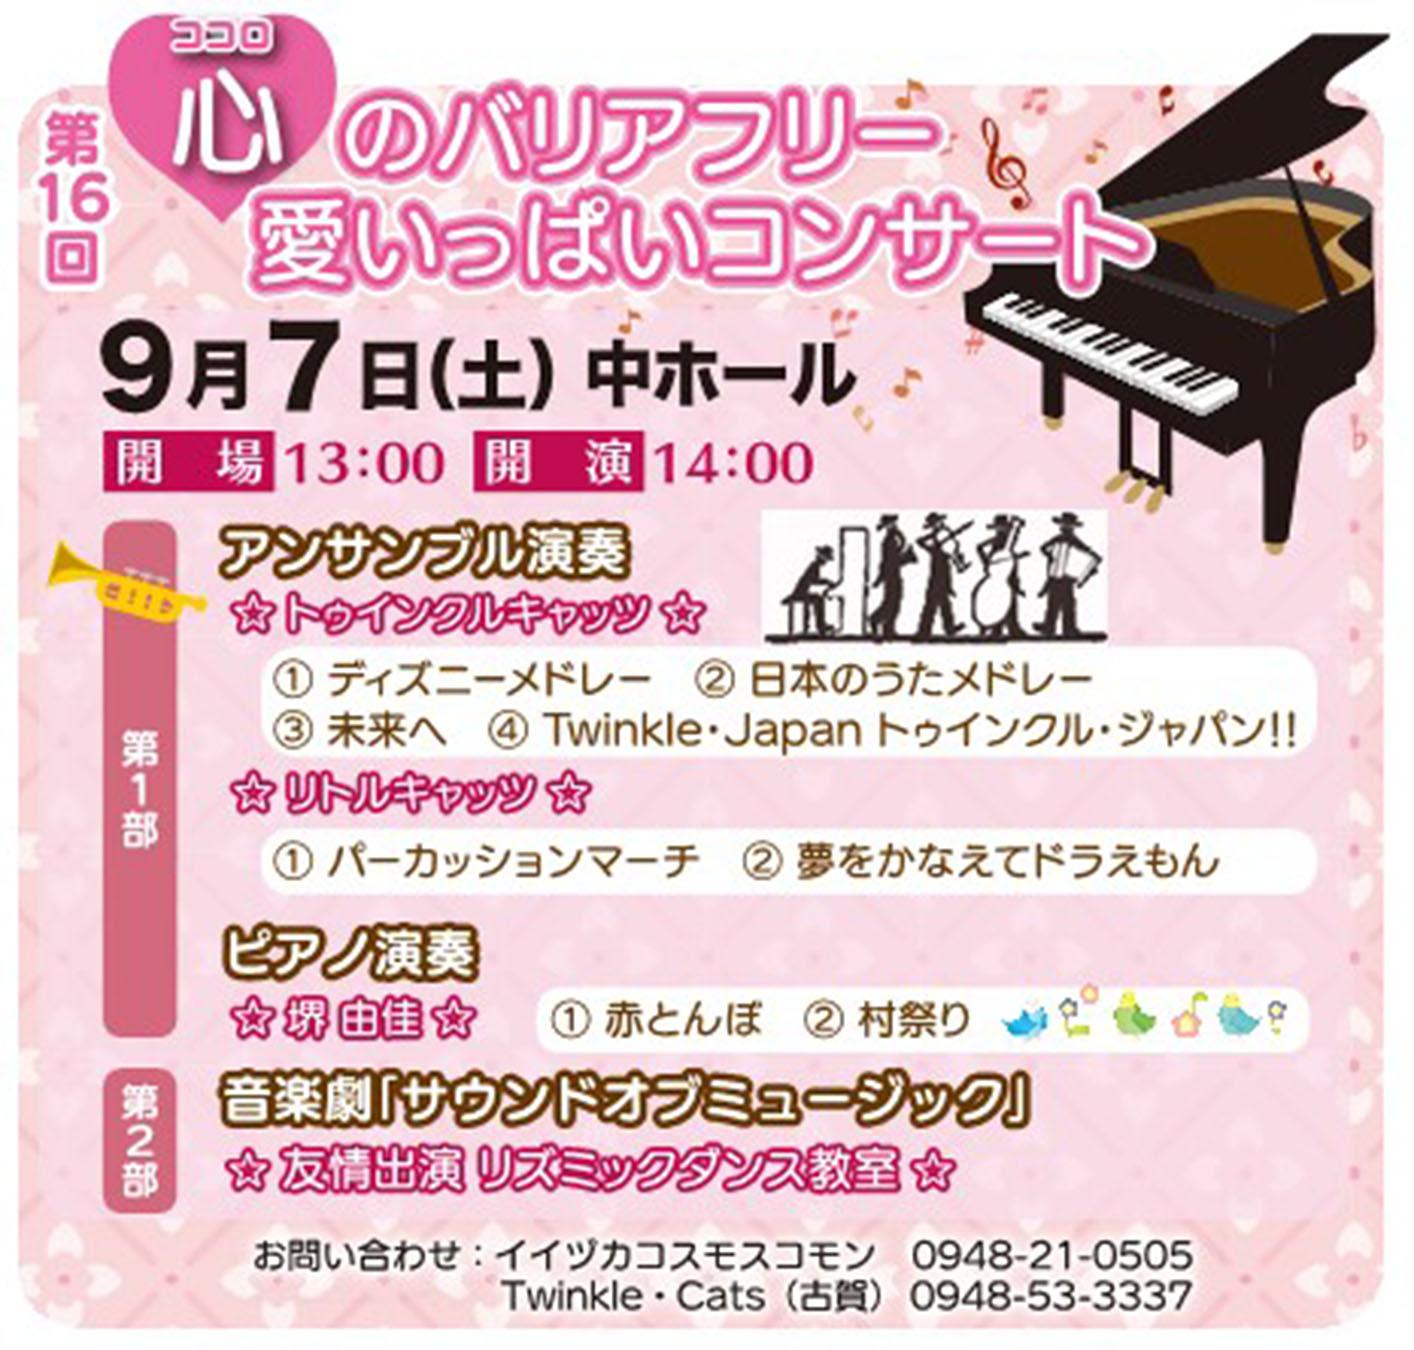 第16回 心のバリアフリー 愛いっぱいコンサート(2019)